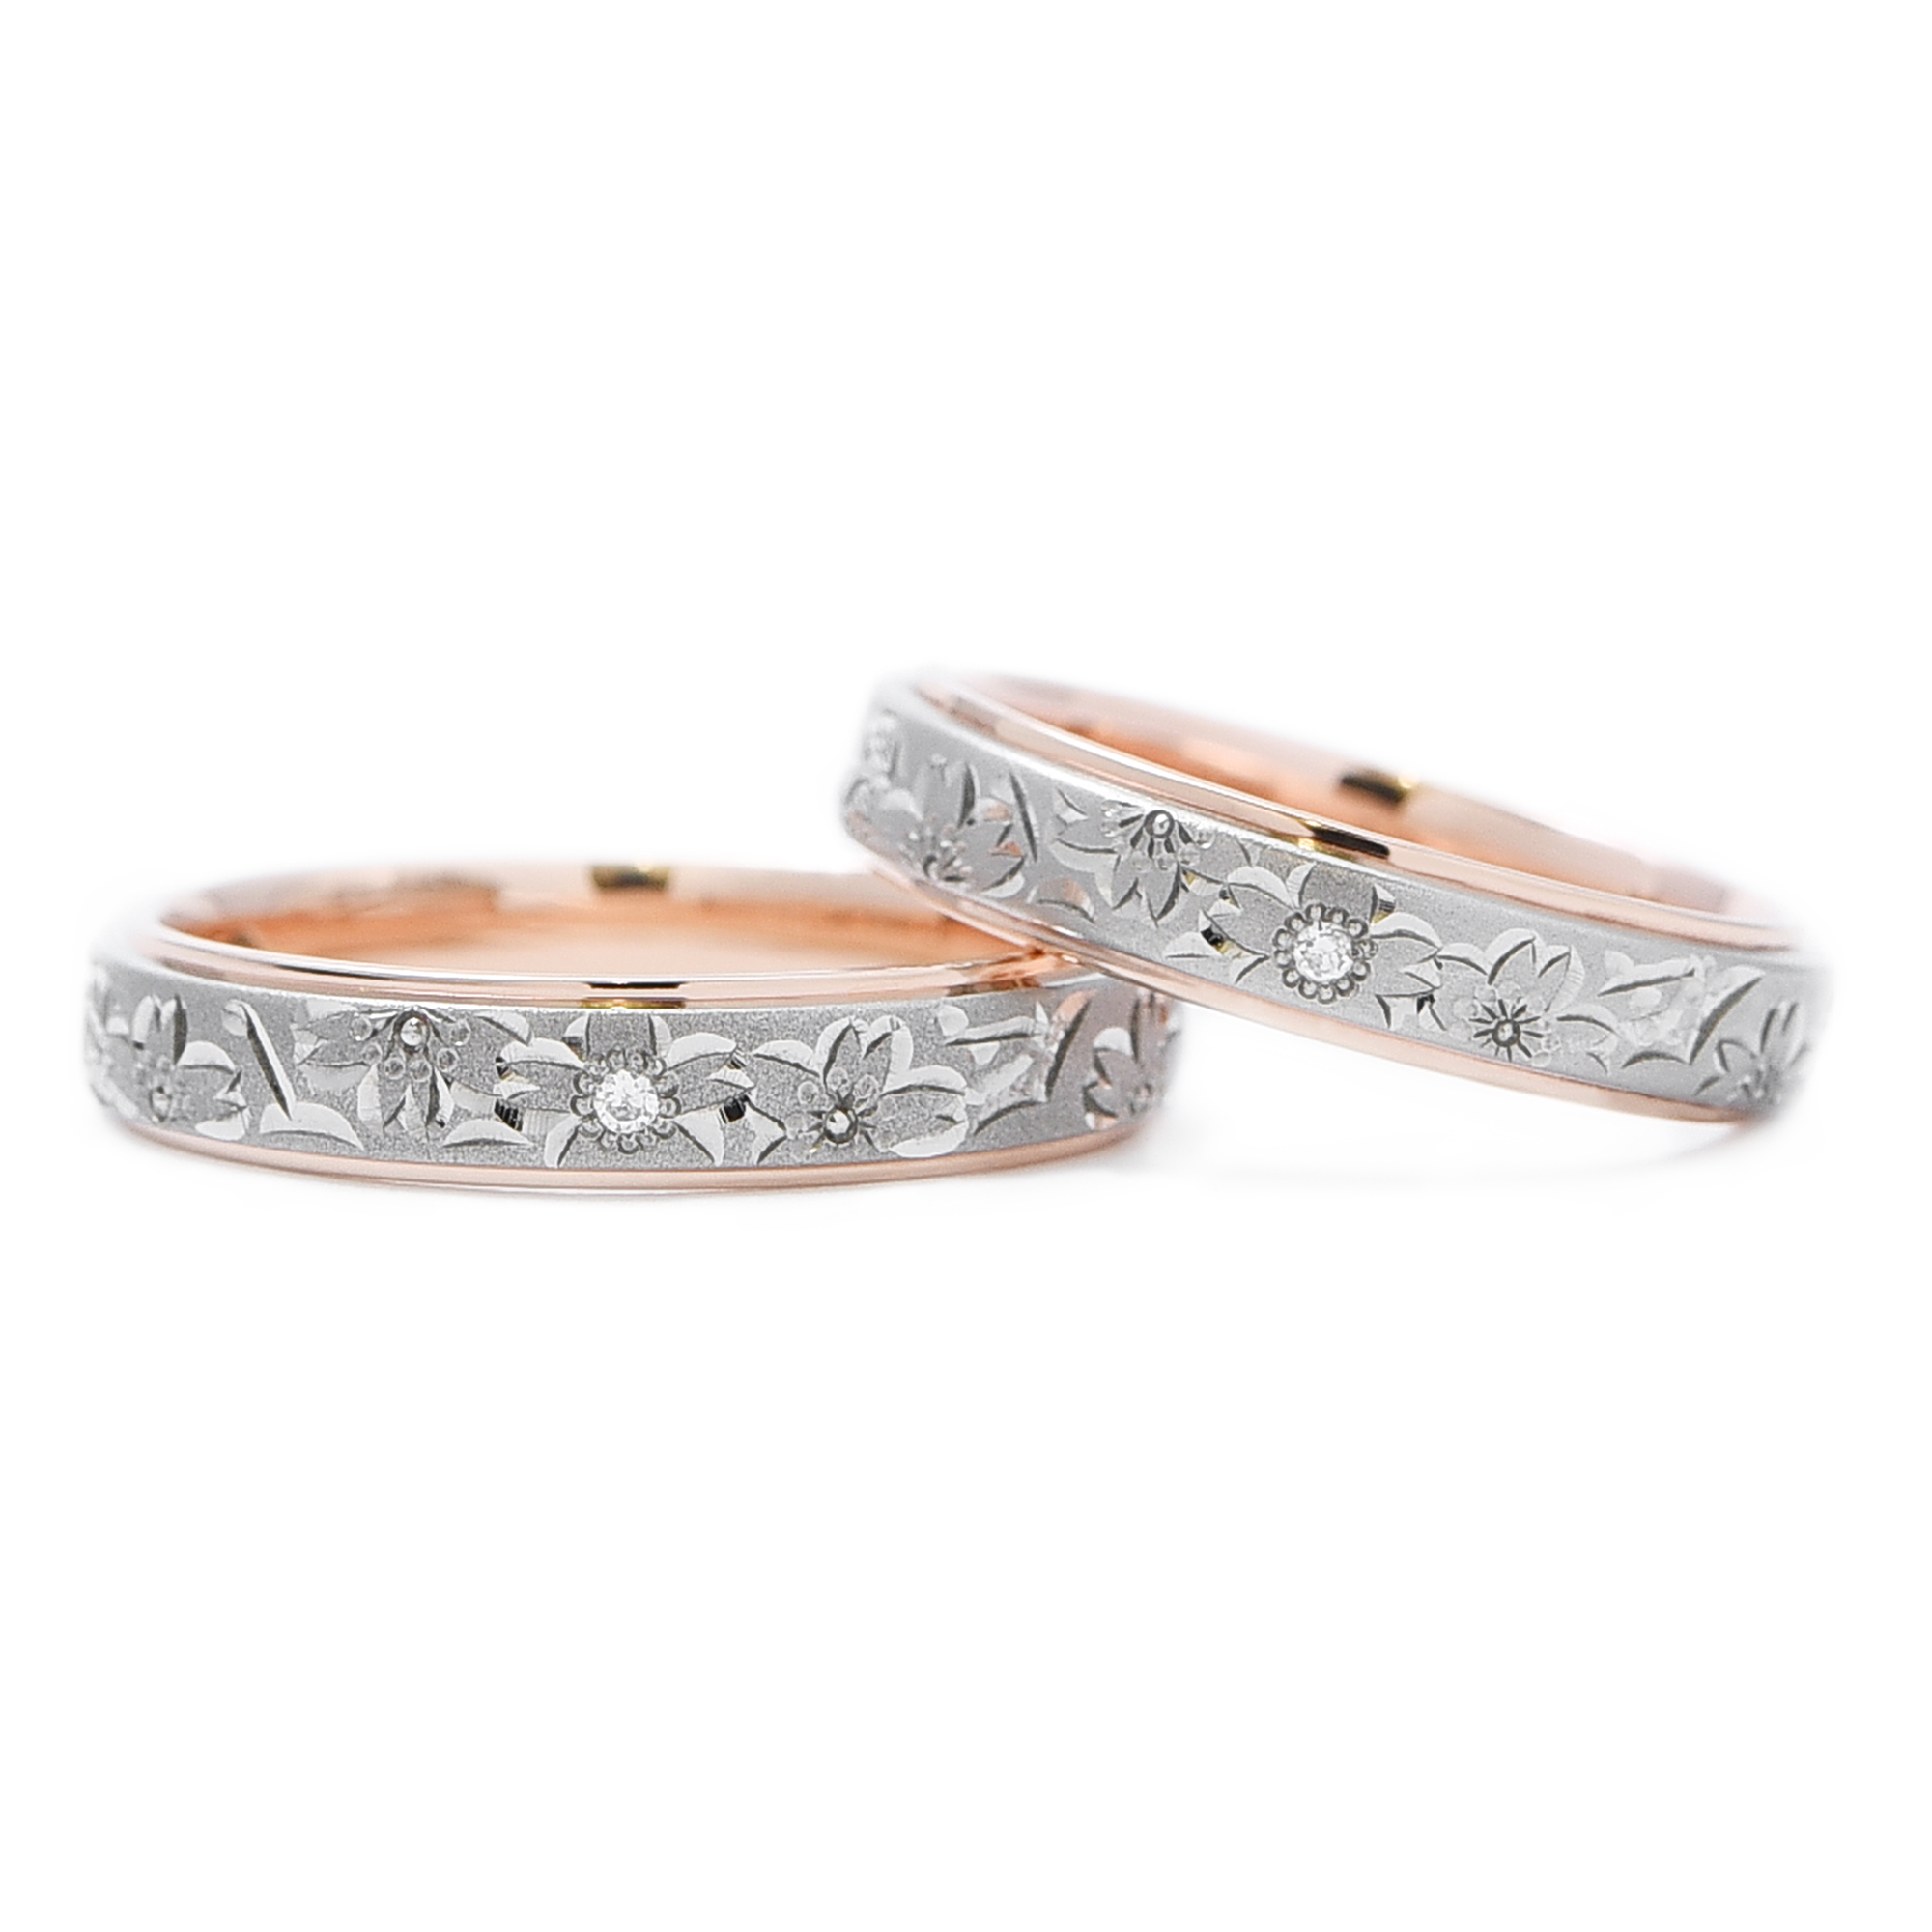 輪高崎工房の結婚指輪|桜子